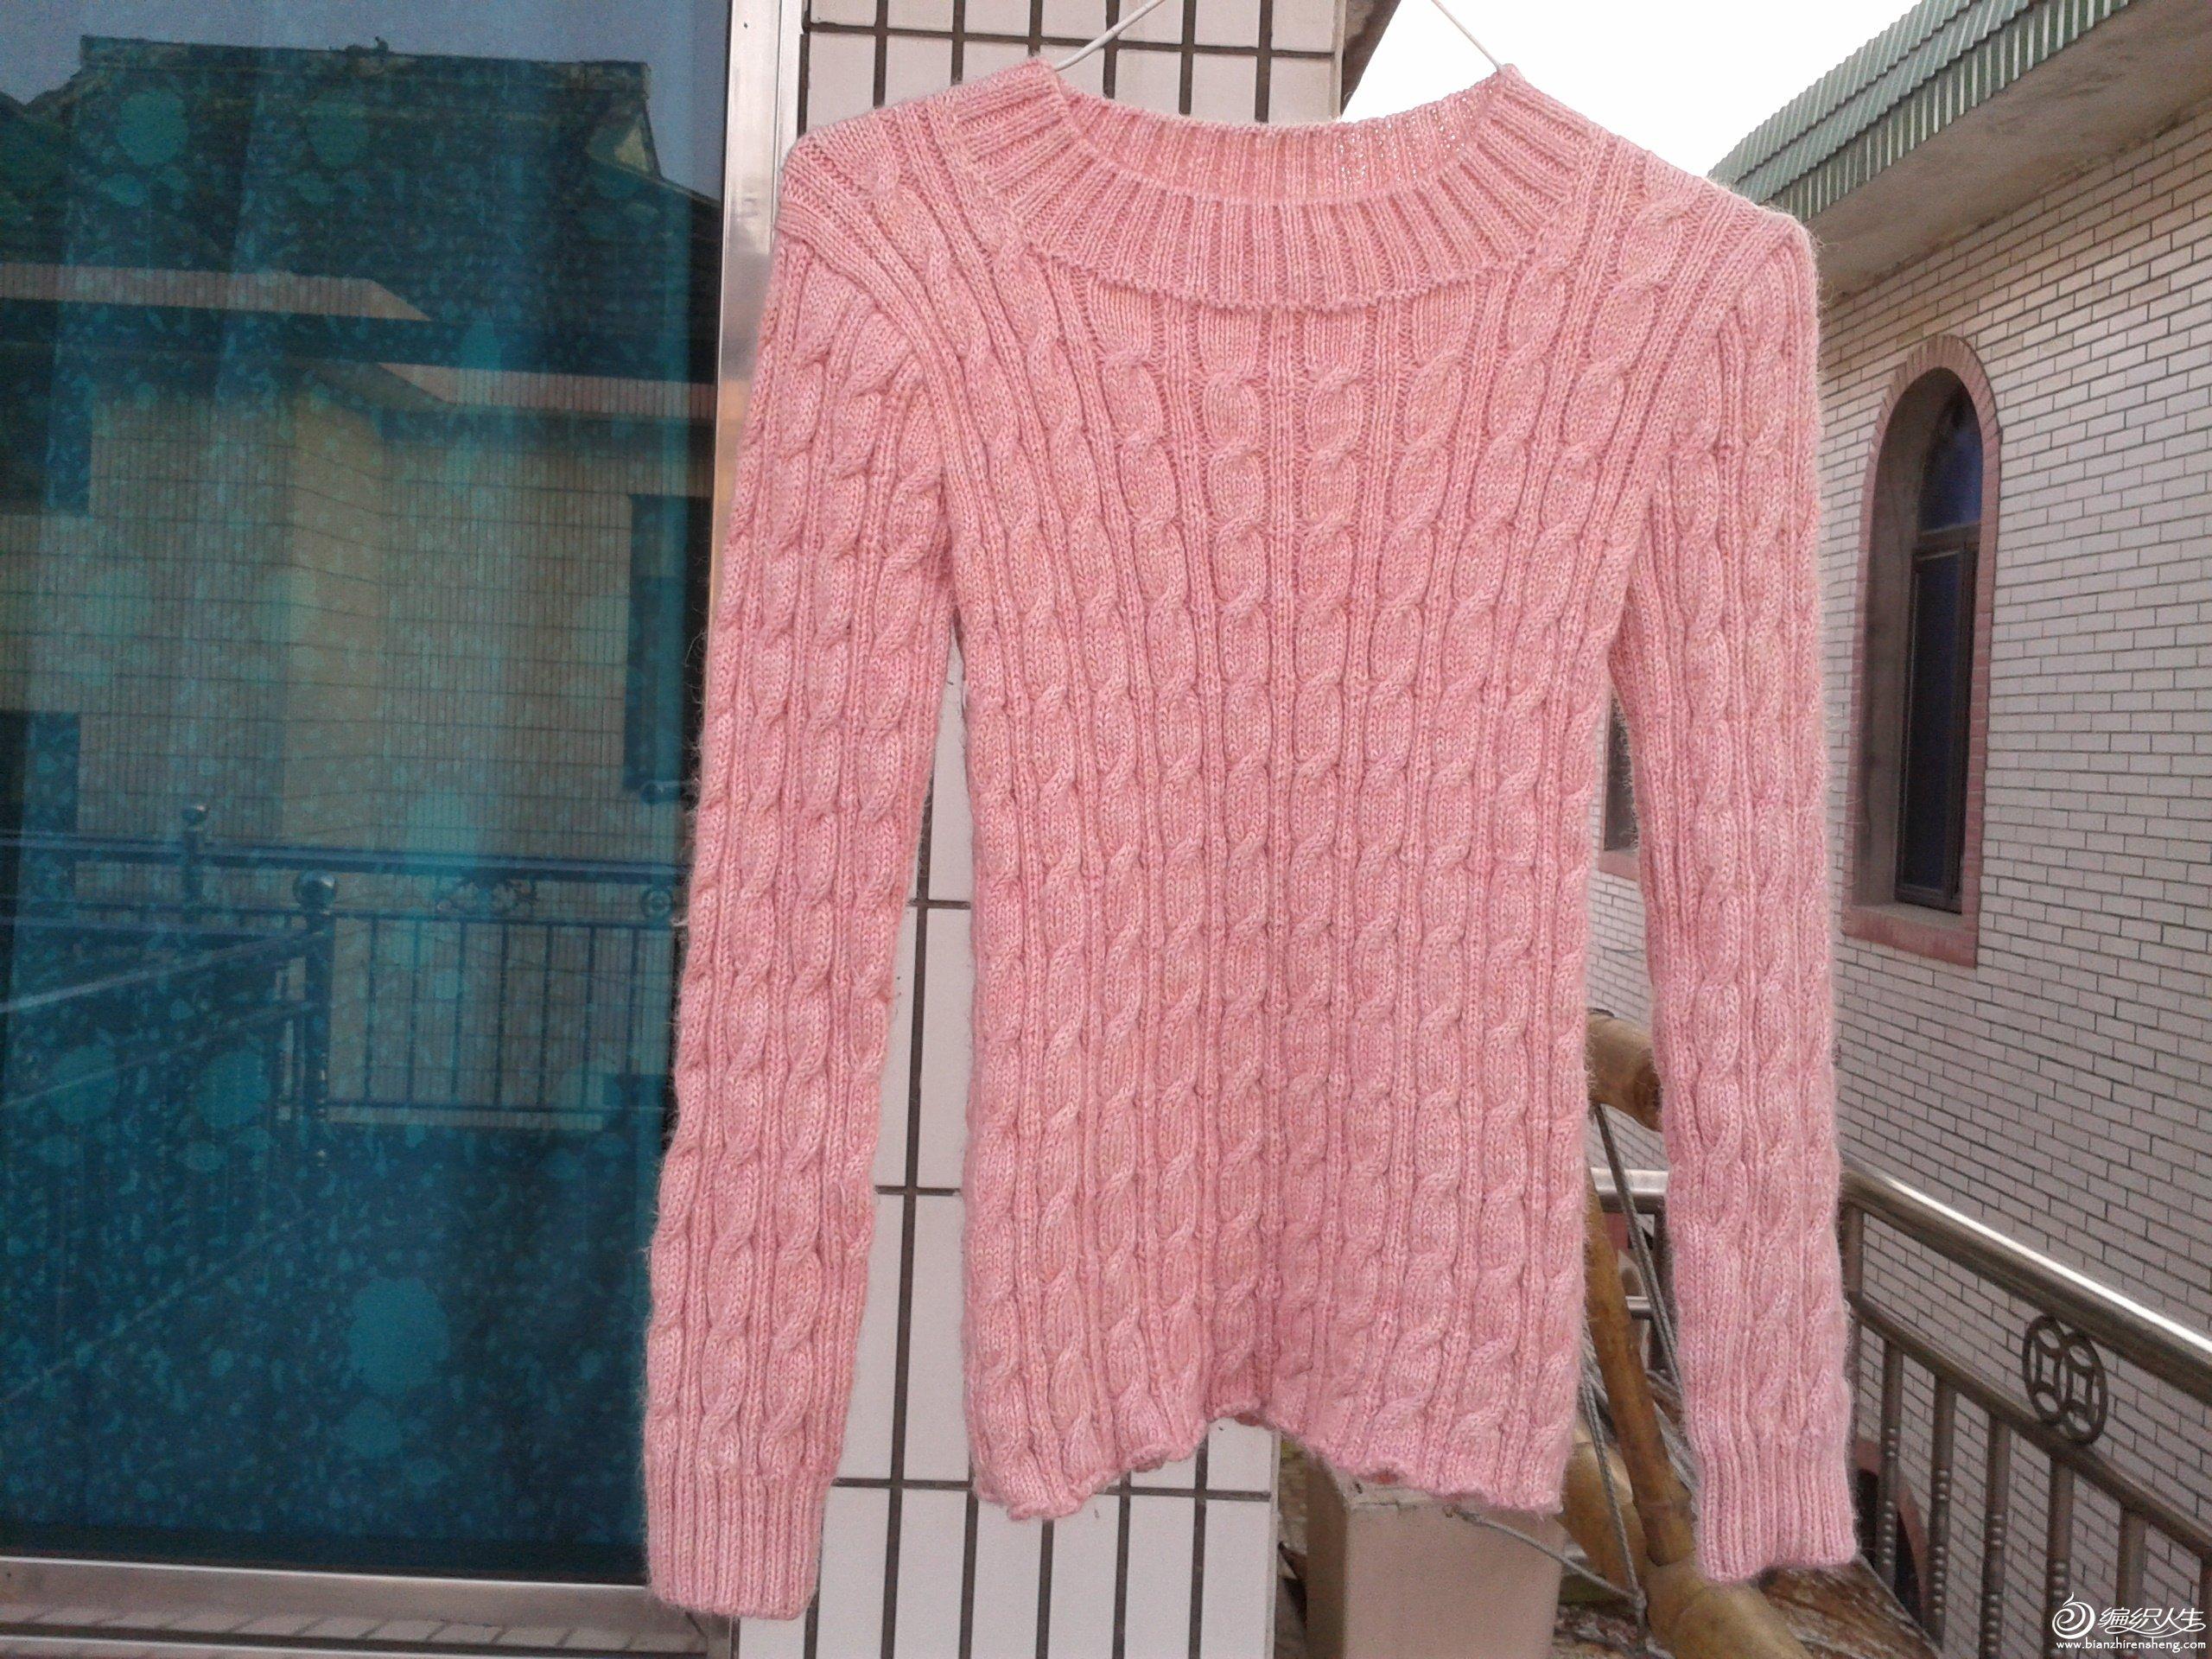 2012-03-21 女儿粉红麻花羊毛衫2.jpg